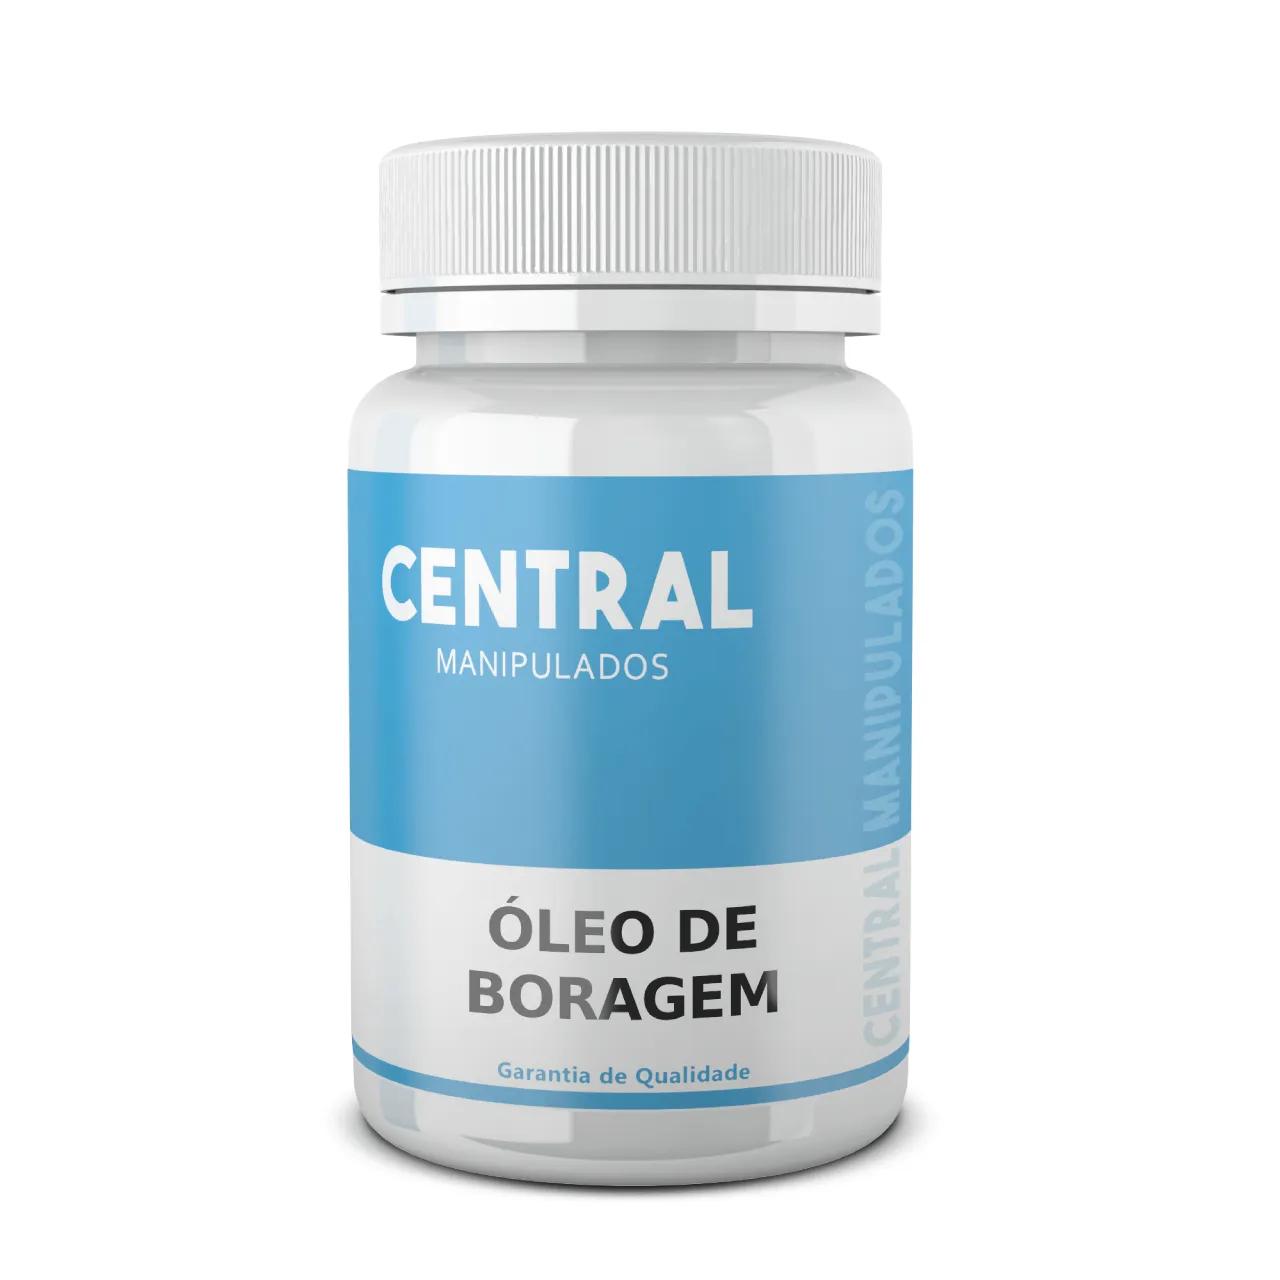 Óleo de Boragem 500mg - 30 cápsulas - Bom para Inflamações de Pele, TPM, Problemas Reumáticos